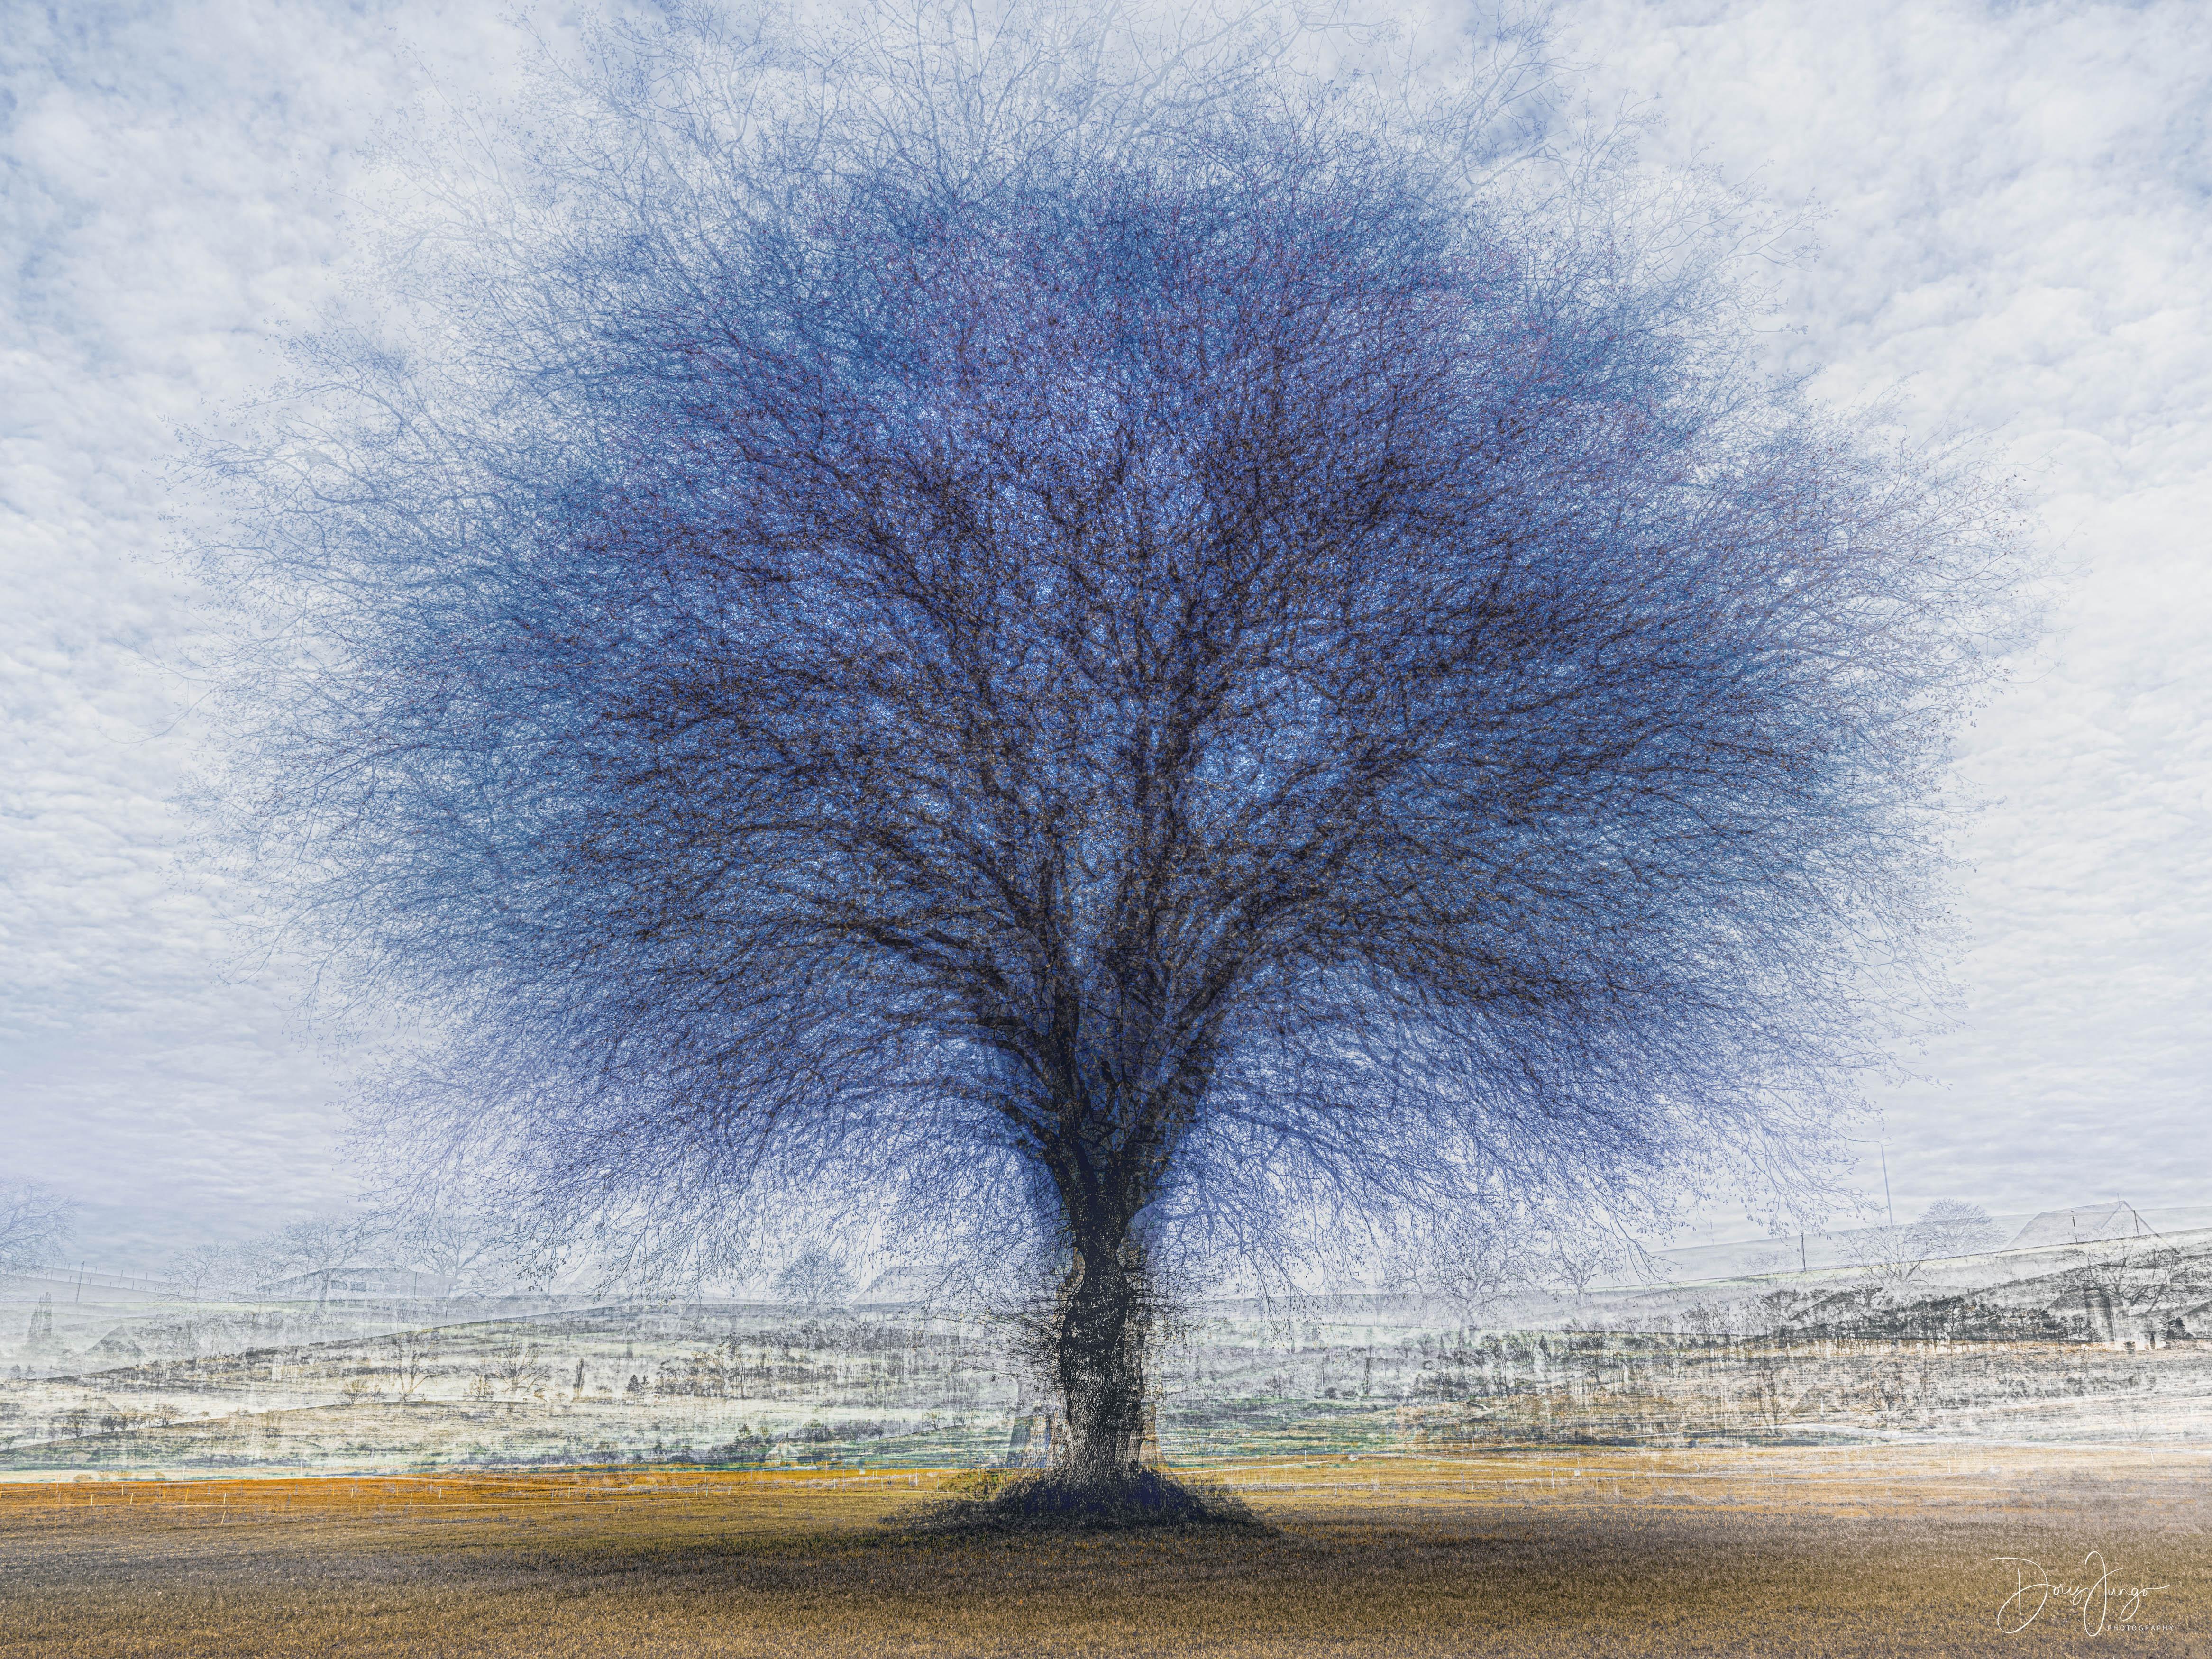 L'arbre bleu